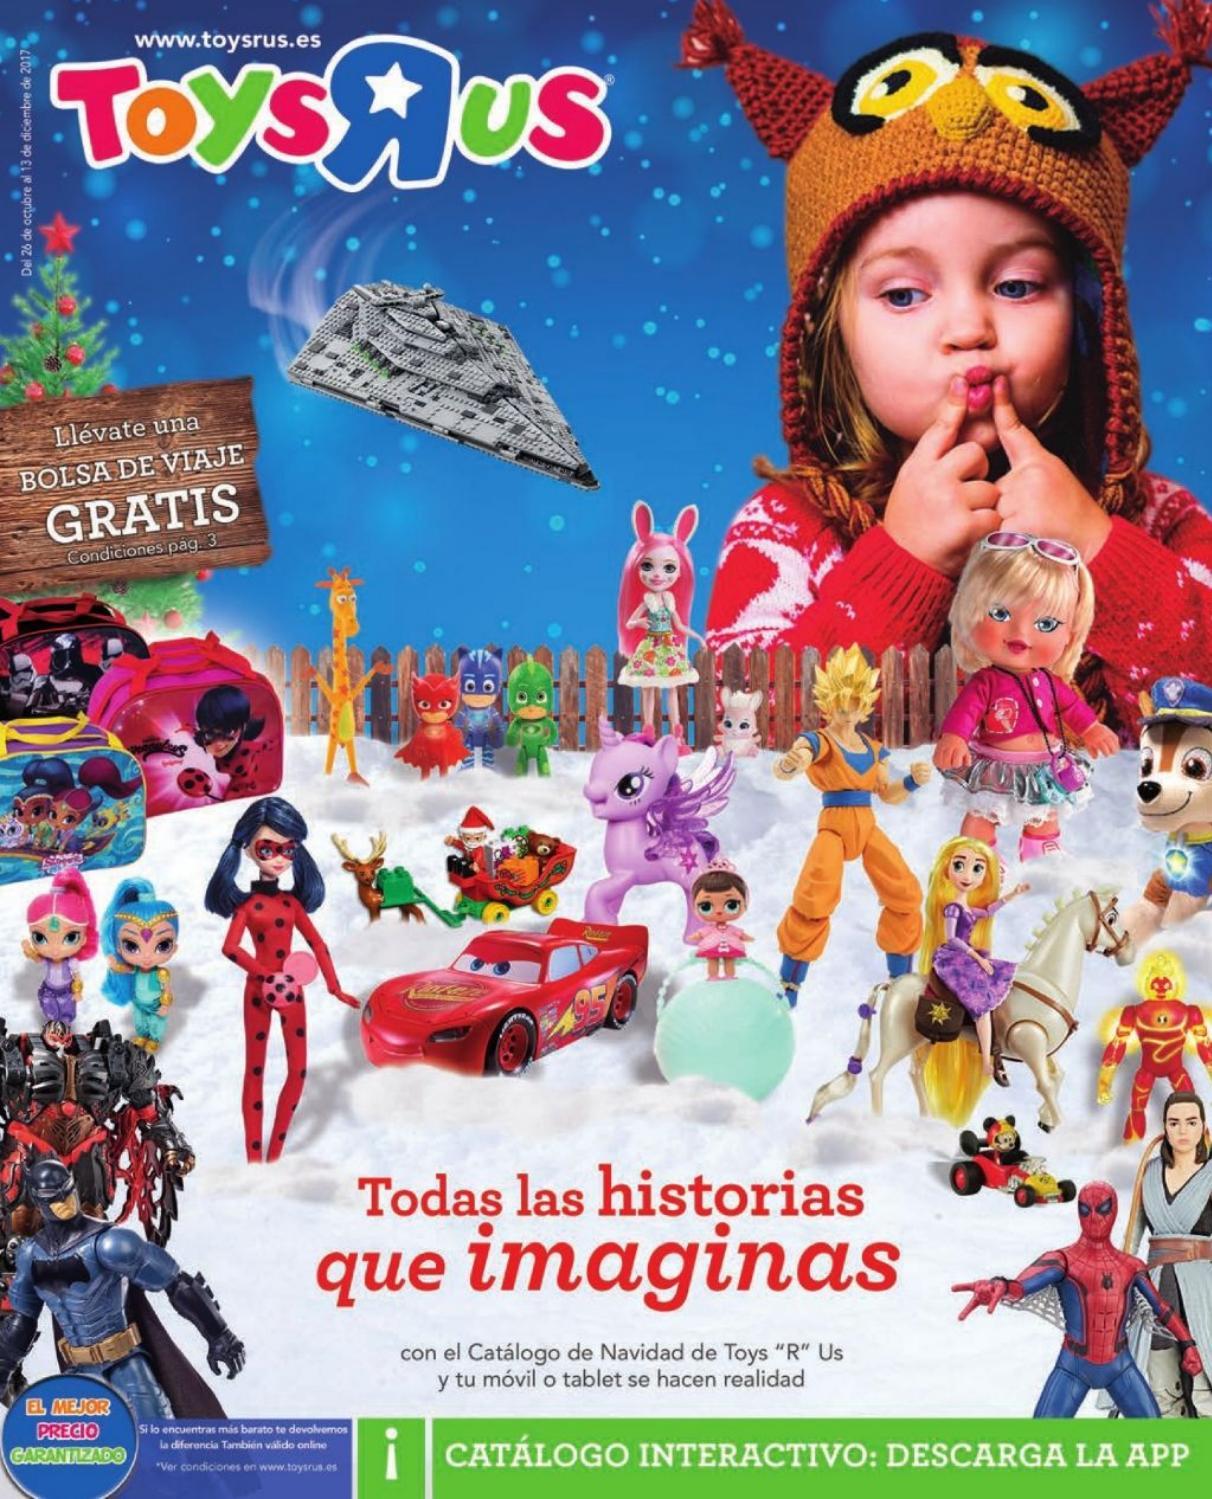 Toysrus juguetes Navidad 2017 by Ofertas Supermercados - issuu 46ea60fe2bf3